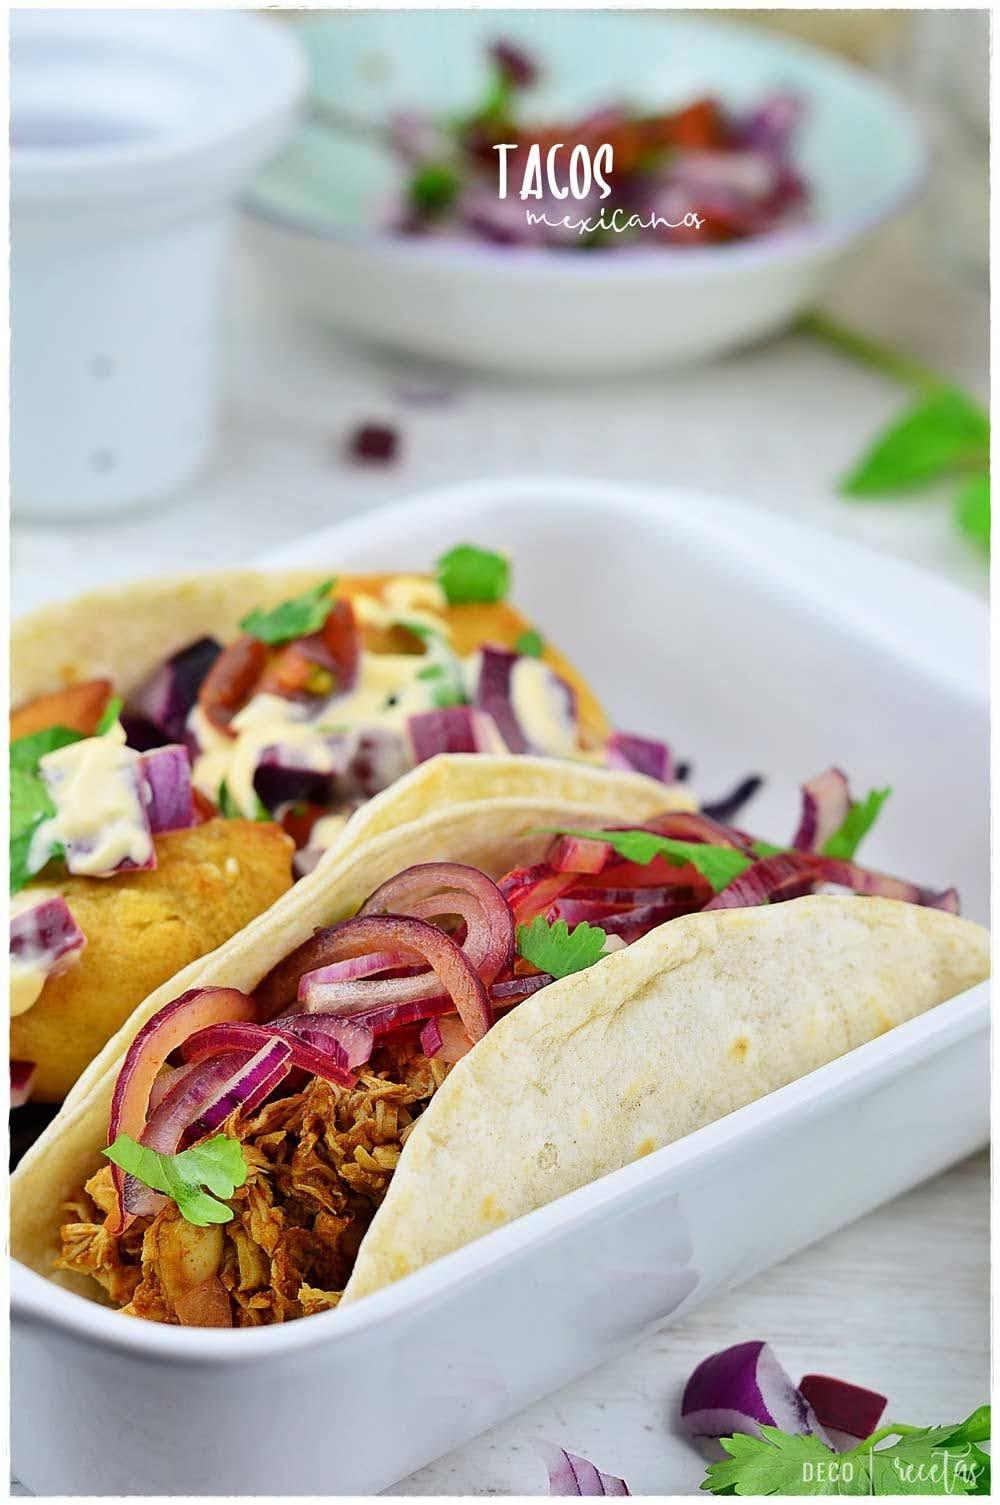 Tacos- recetas de tacos mexicanos: Taco ensenada de camarón